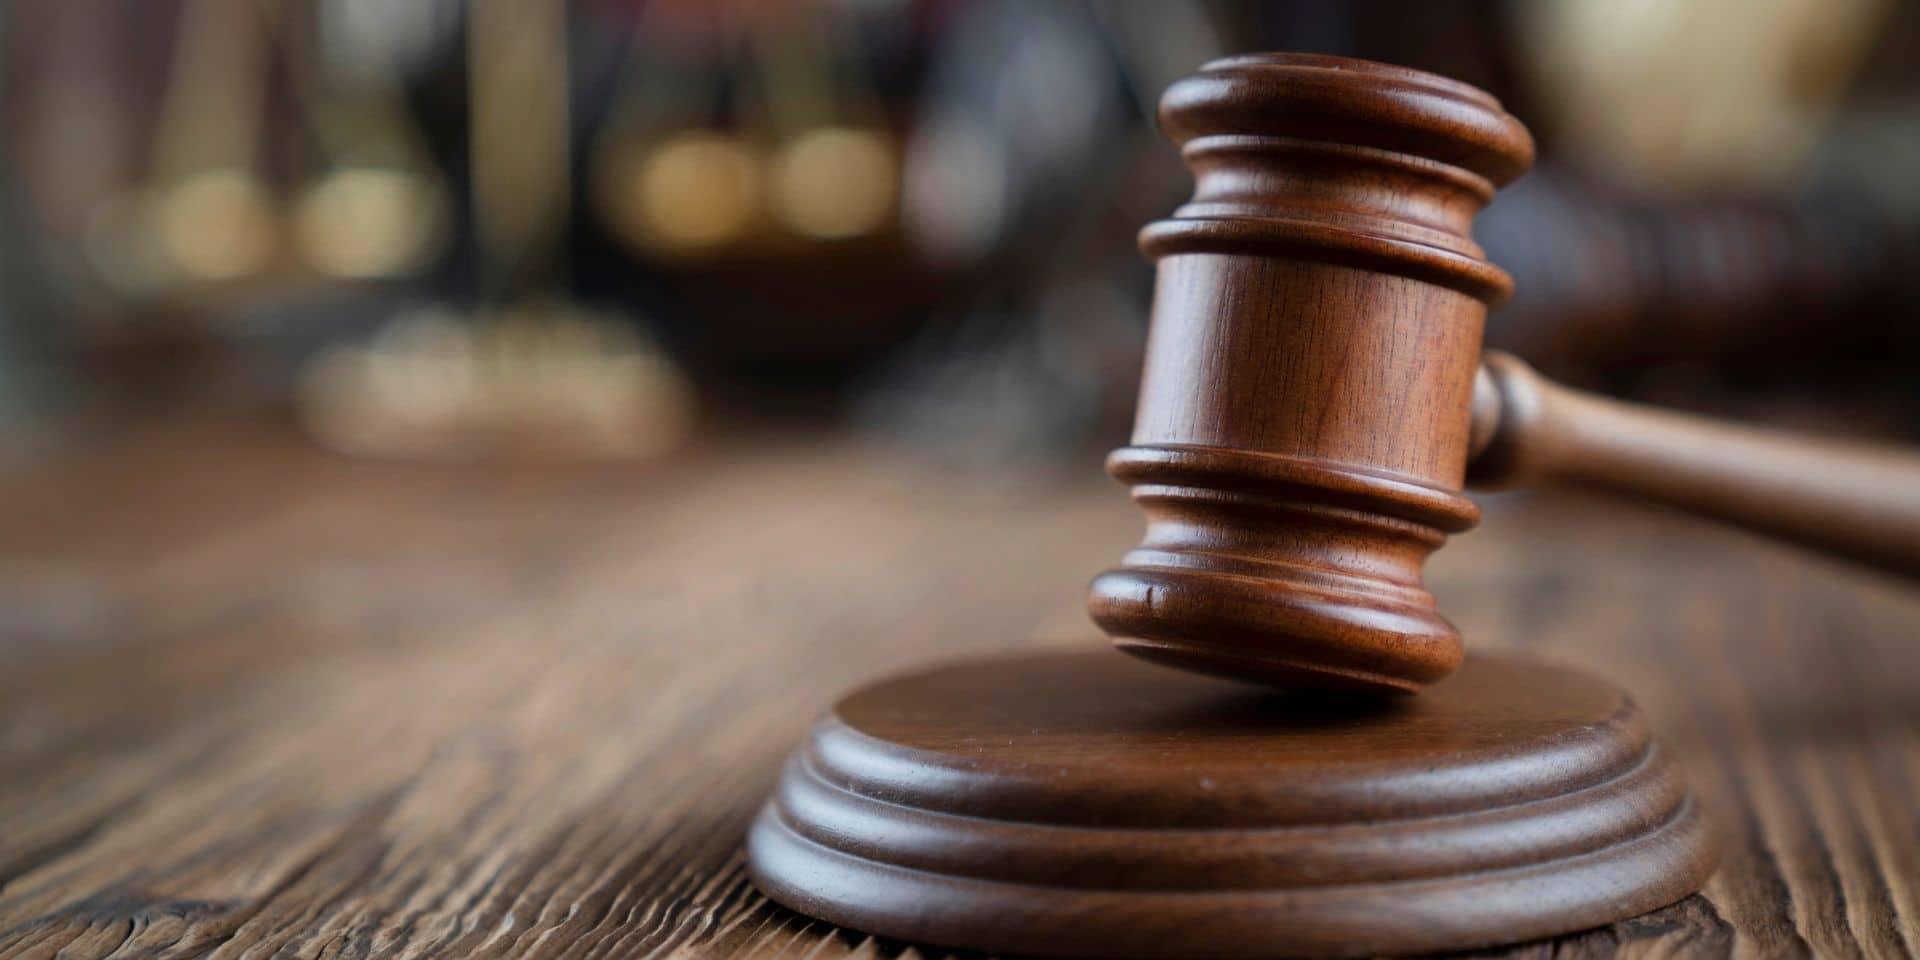 Un homme condamné à vingt ans de prison ferme dans une affaire de mœurs